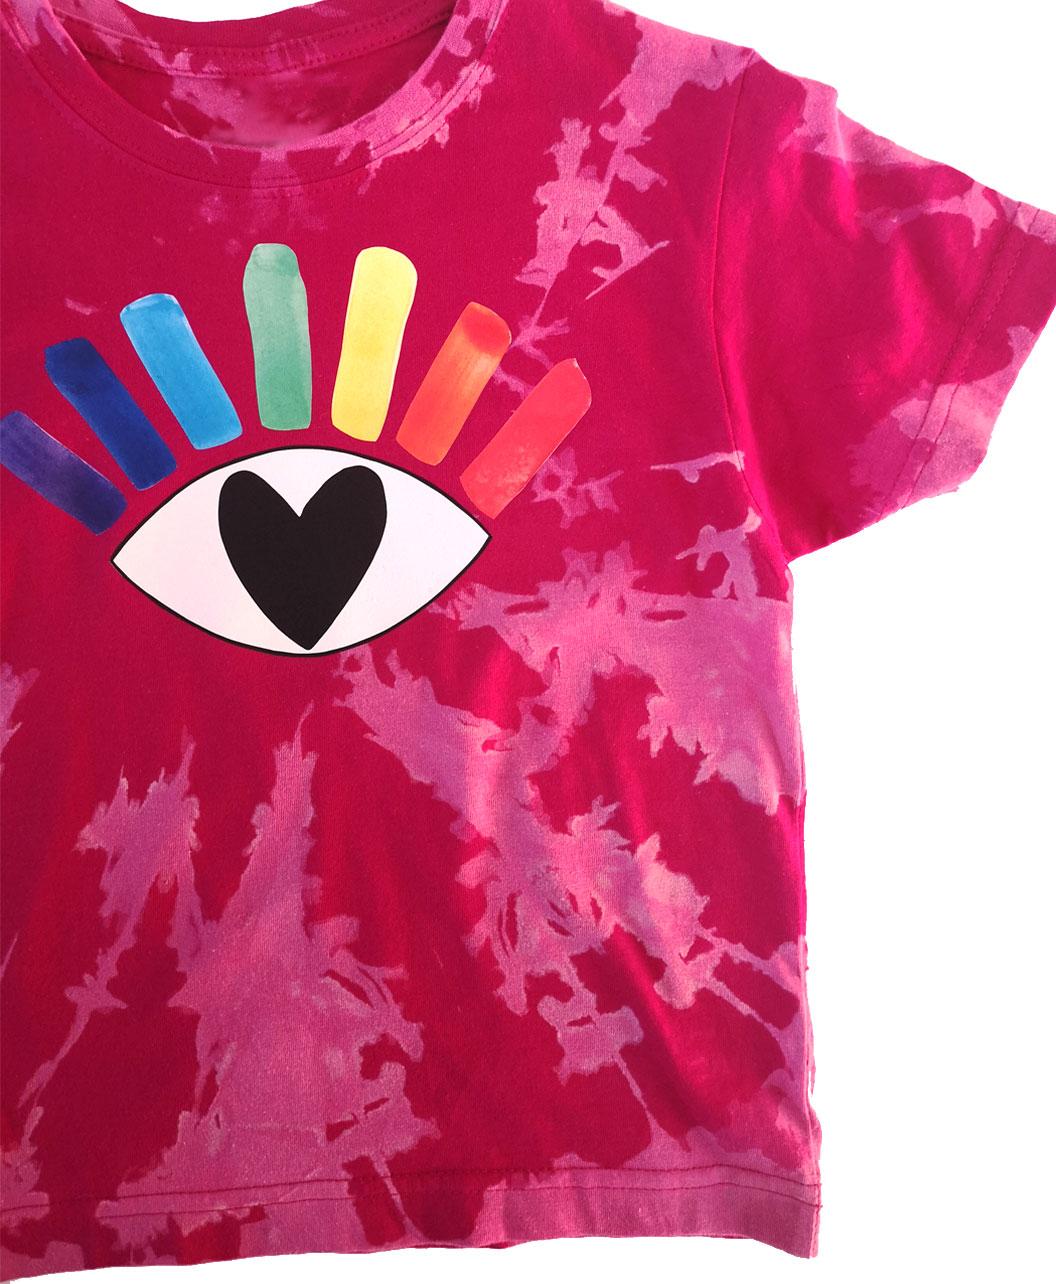 camiseta infantil manga corta tie dye alegre colorida diferente ilustracion ojo arcoiris